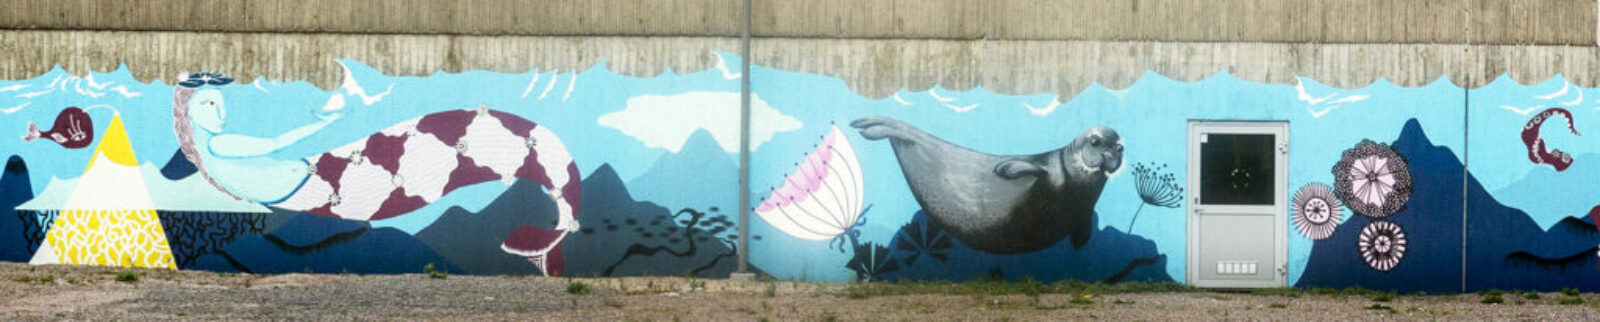 Banneri tilaa taidetta1